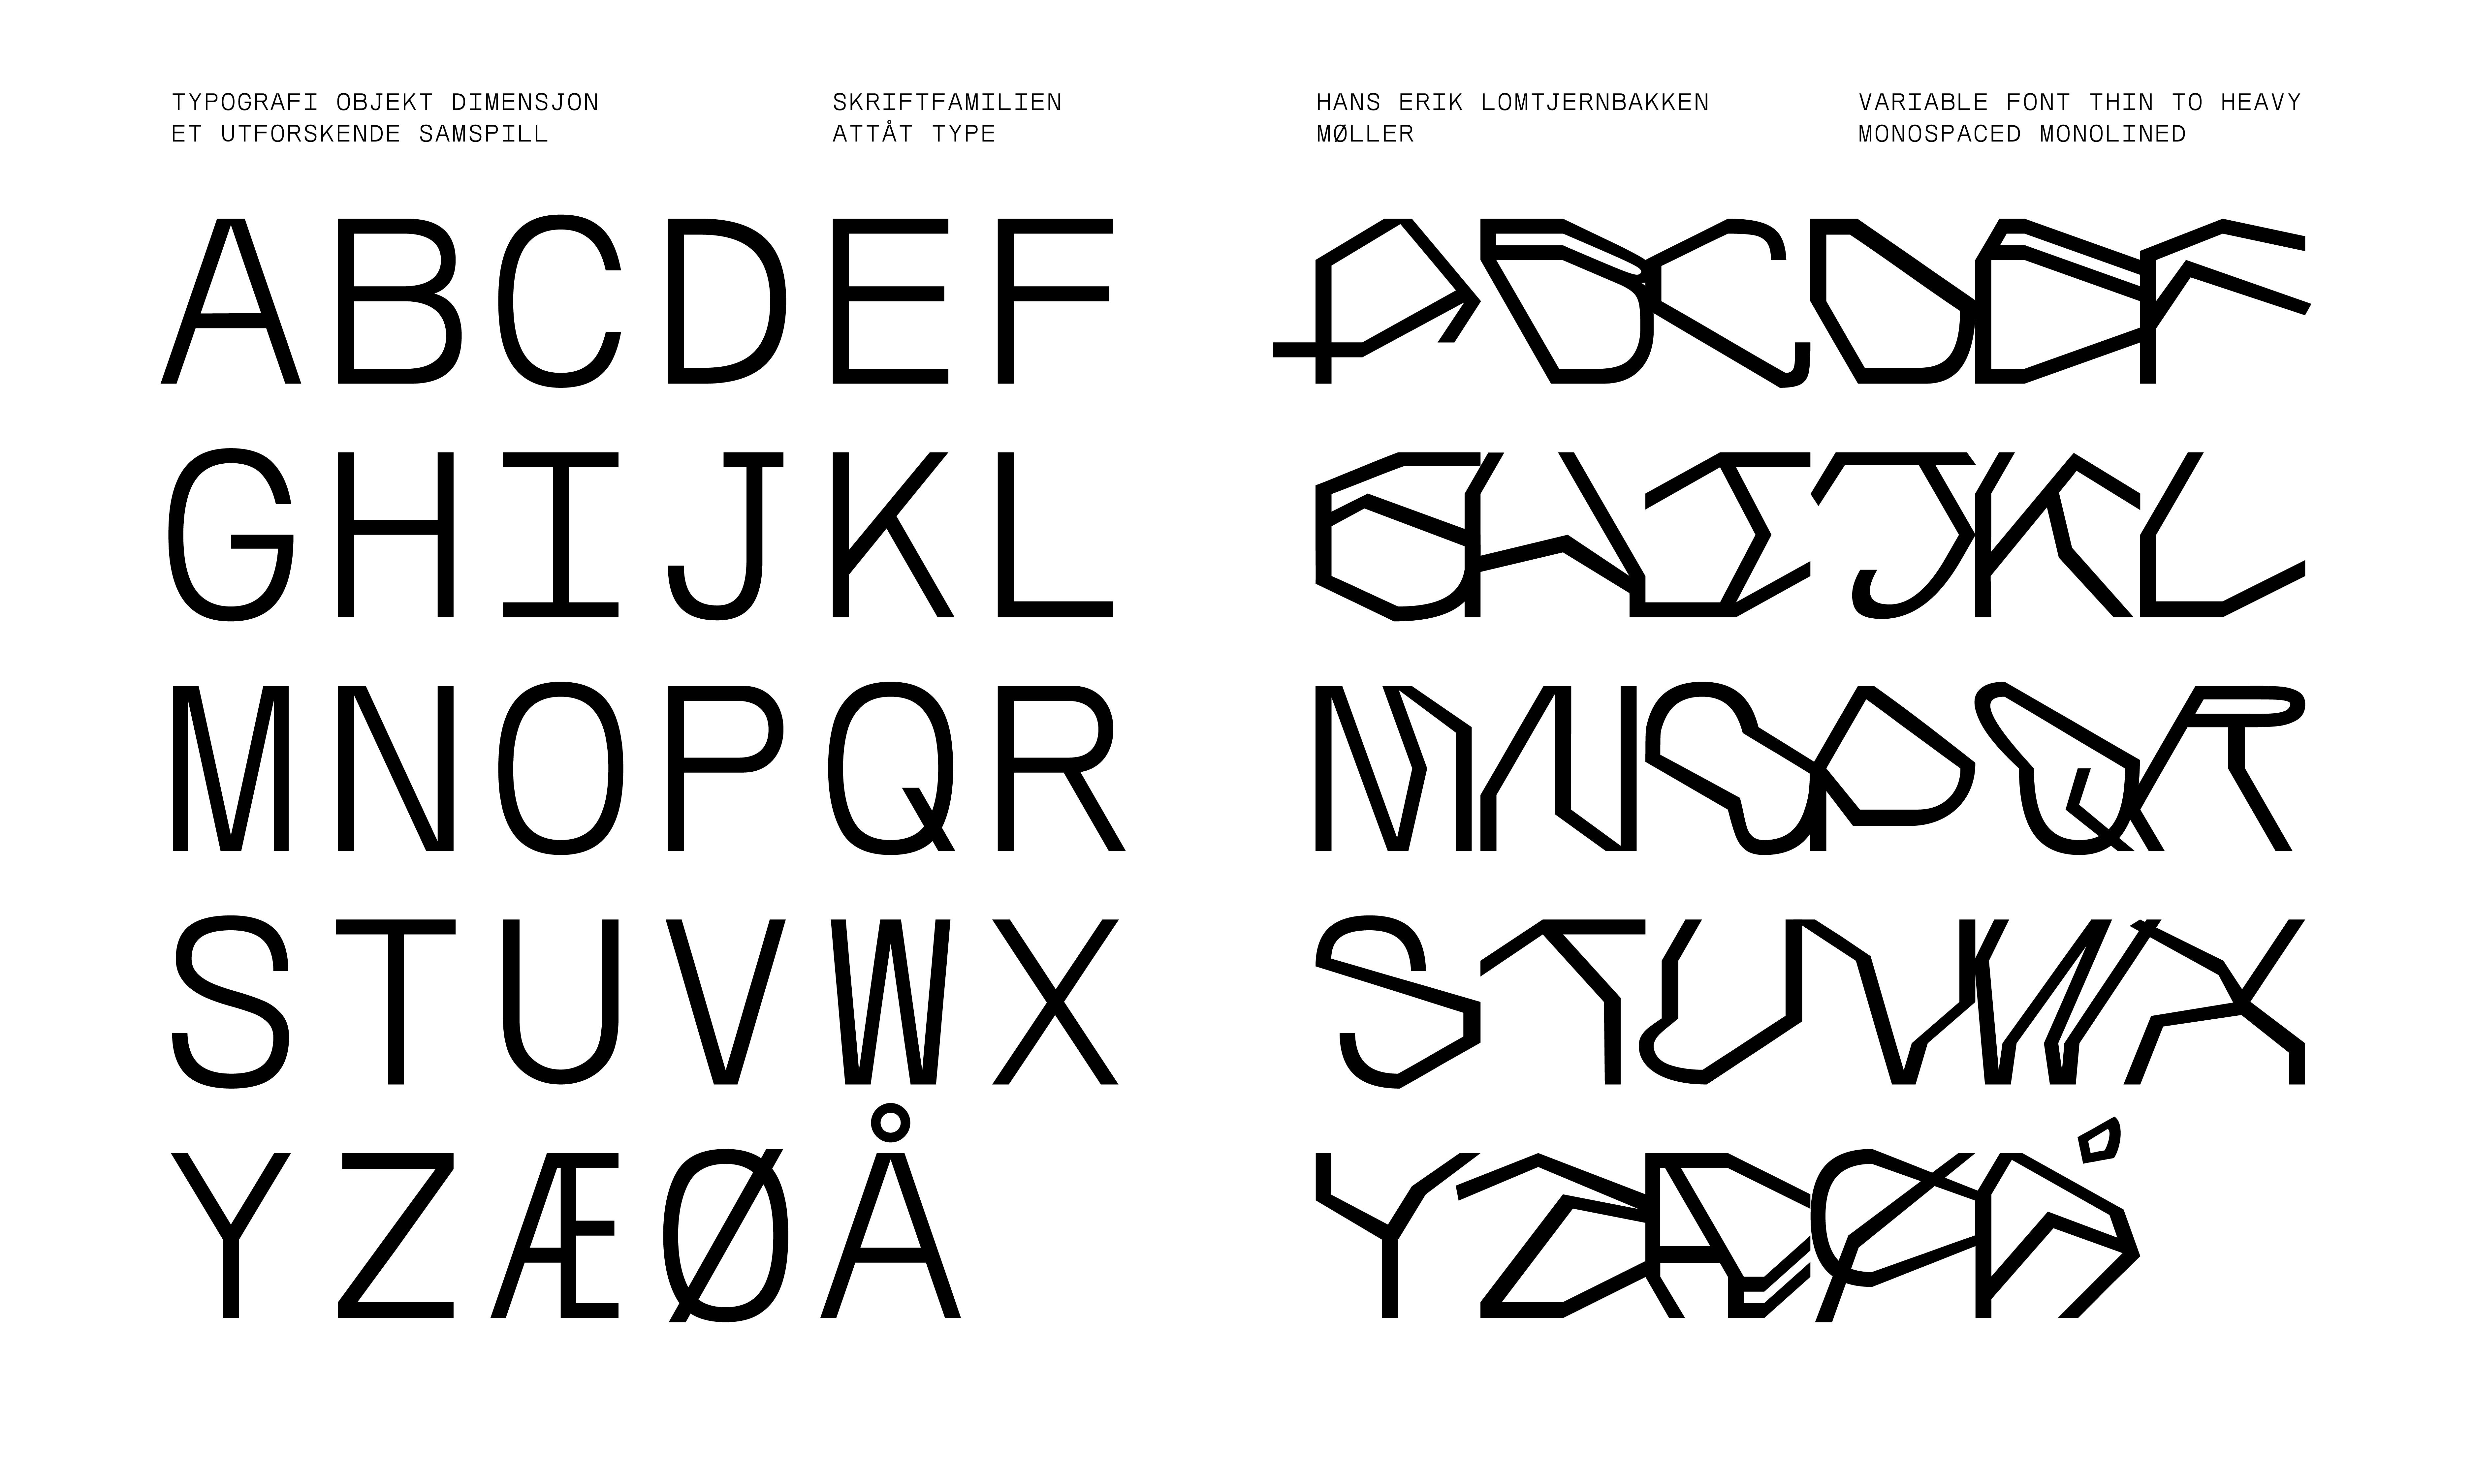 Westerdals Institutt for Kommunikasjon og Design - Typografi, objekt, dimensjon – et utforskende samspill